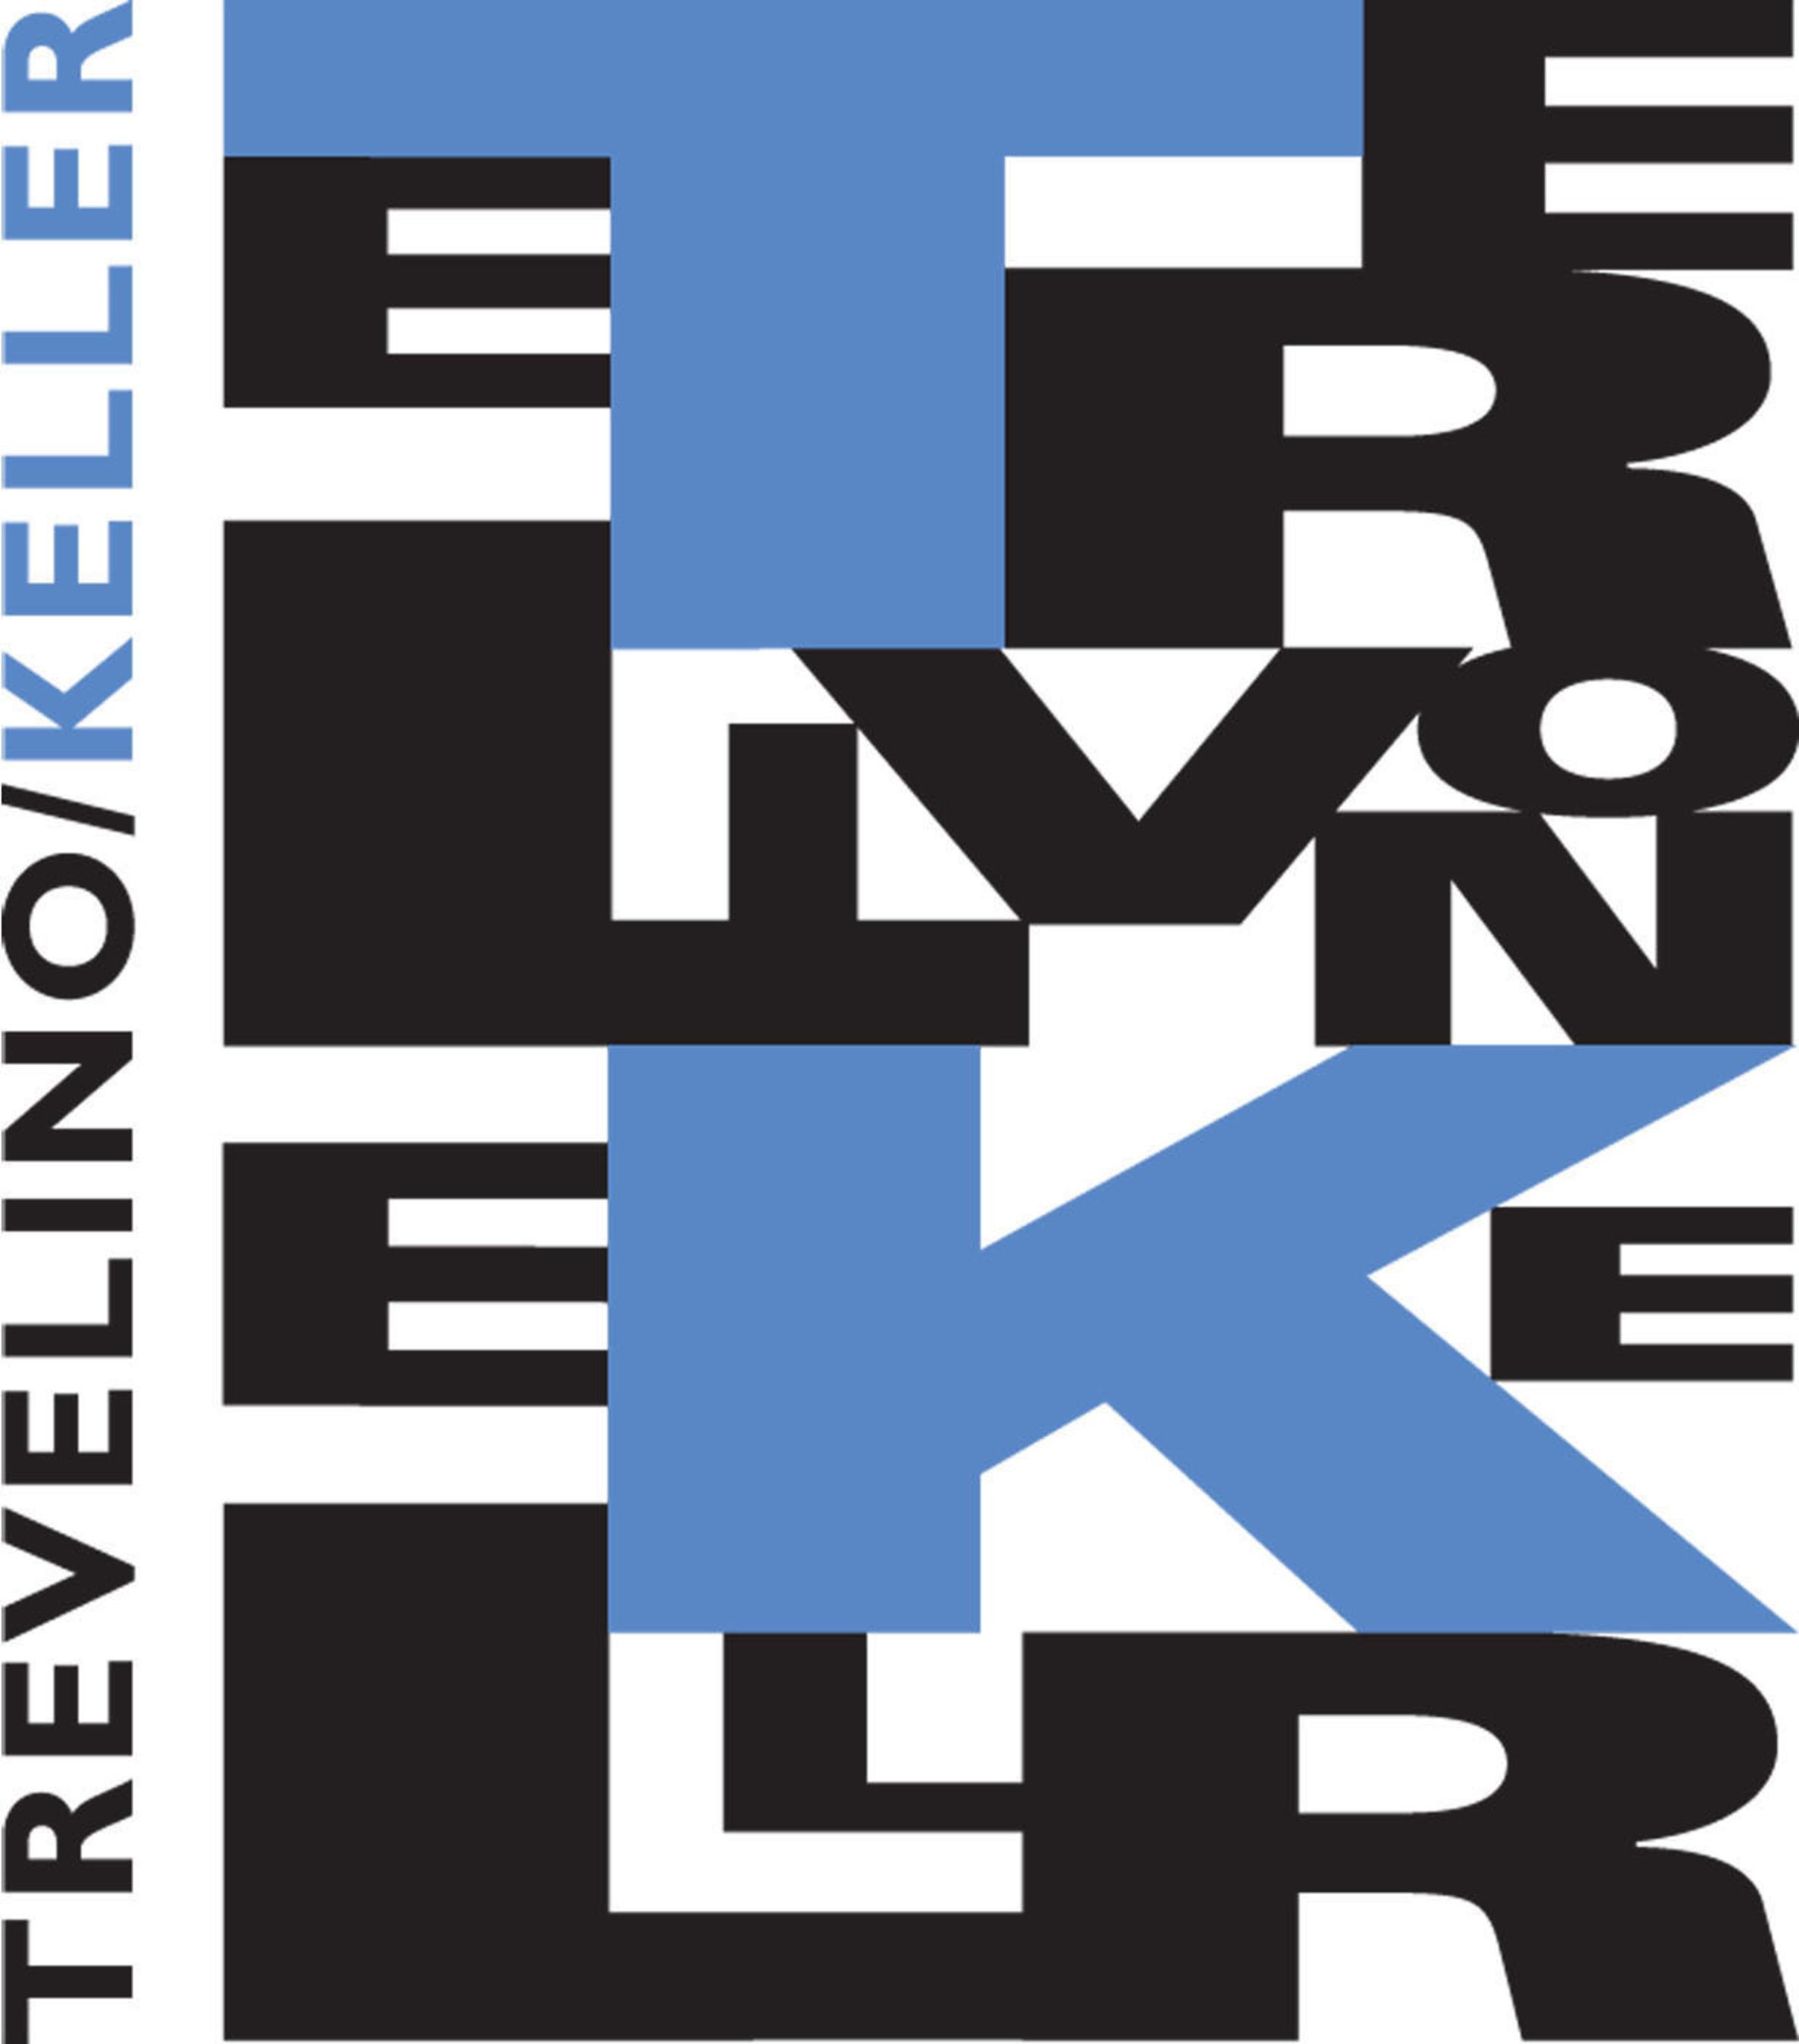 Trevelino/Keller Communications.